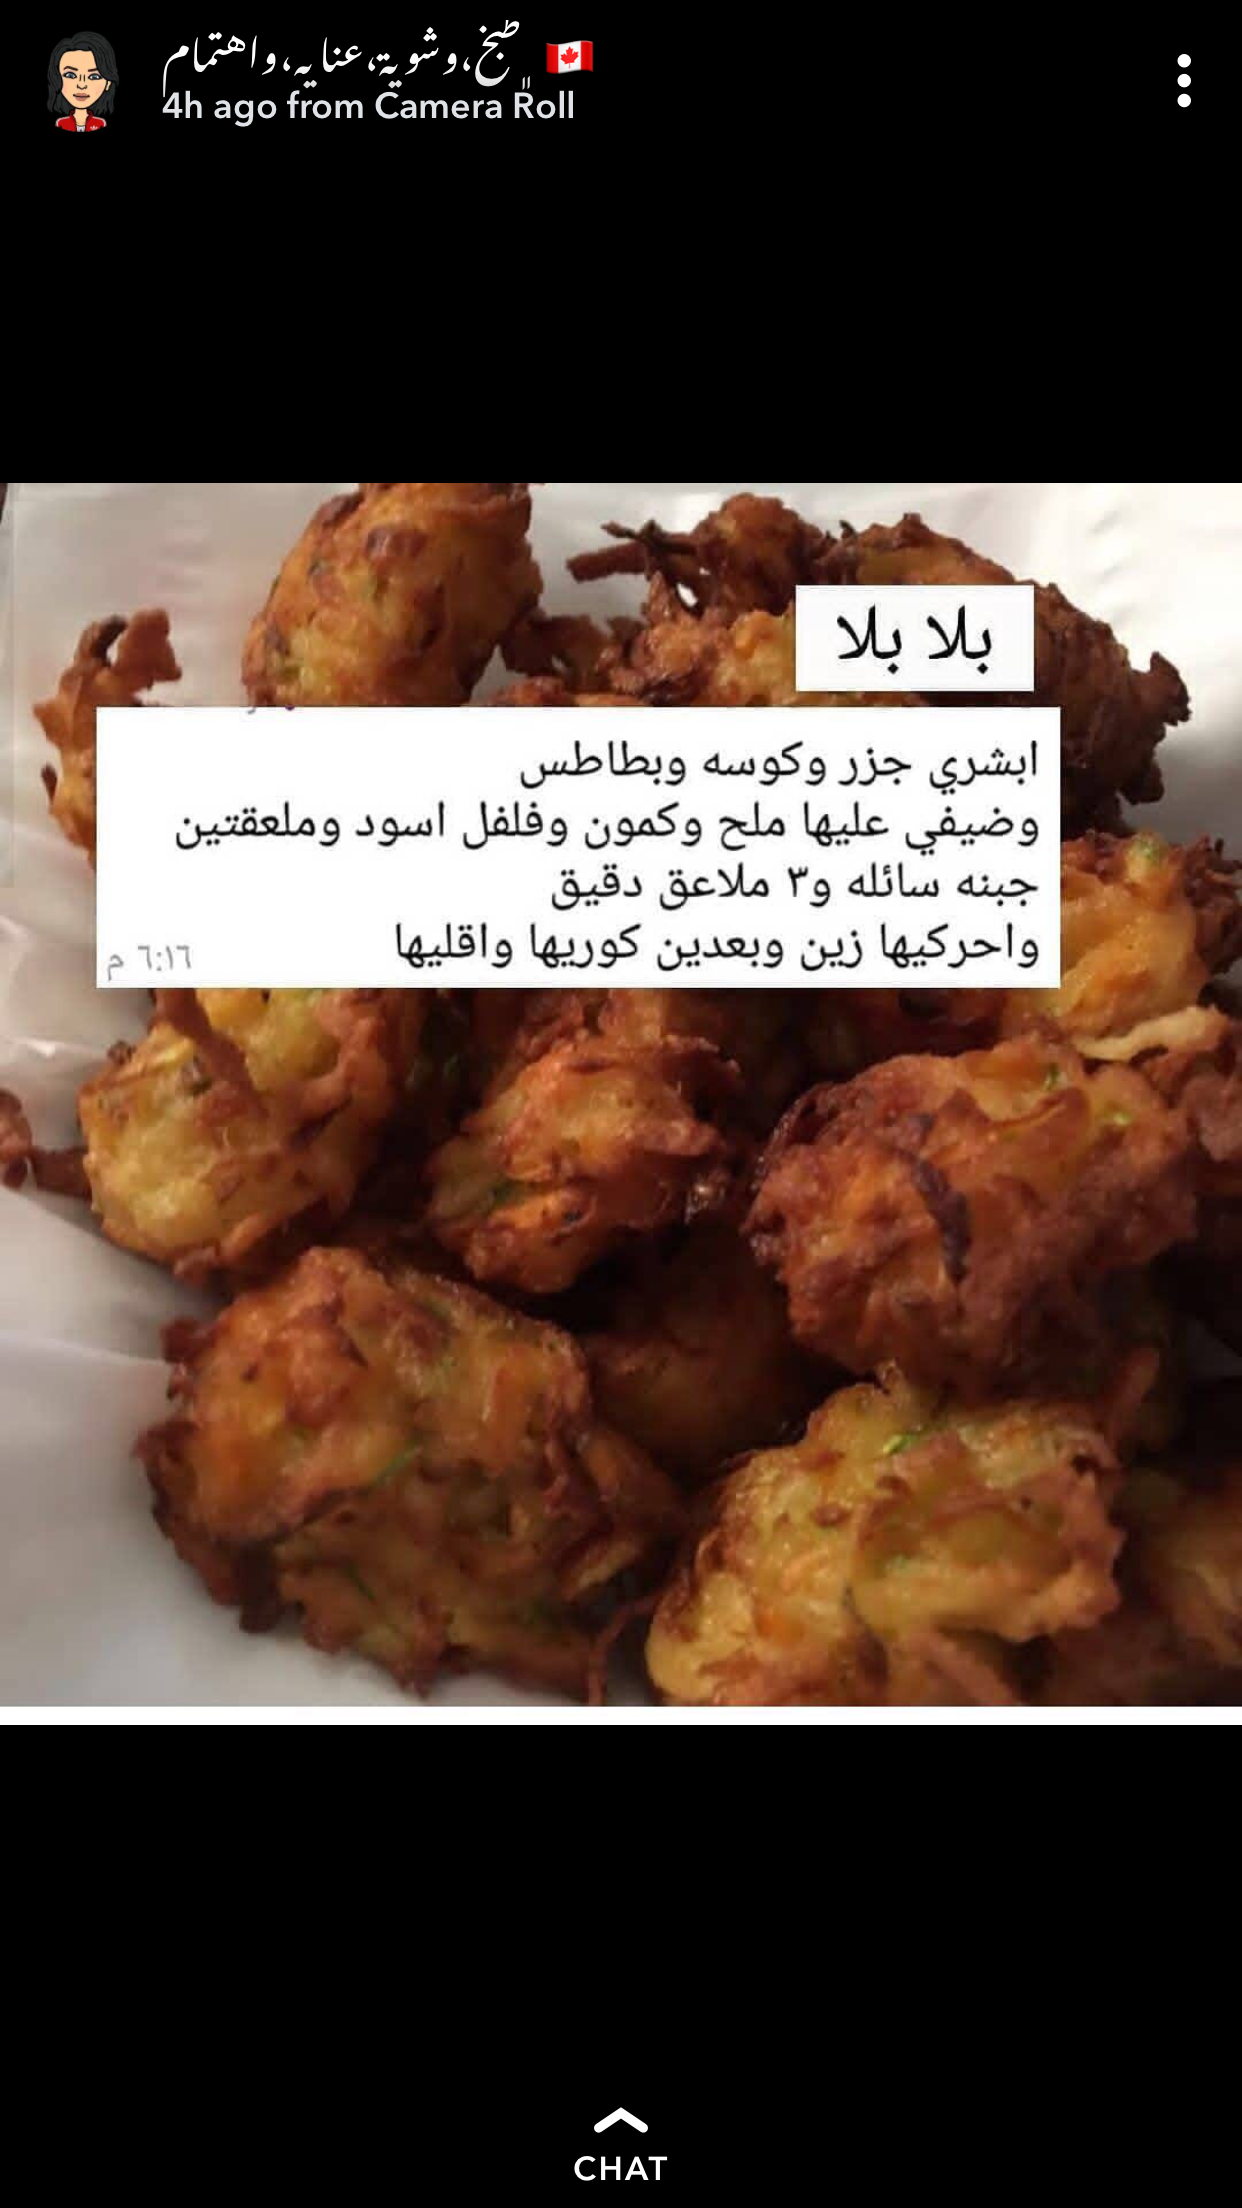 Pin By Nehad El Shammaa On Food Food Receipes Arabic Food Food Recipies